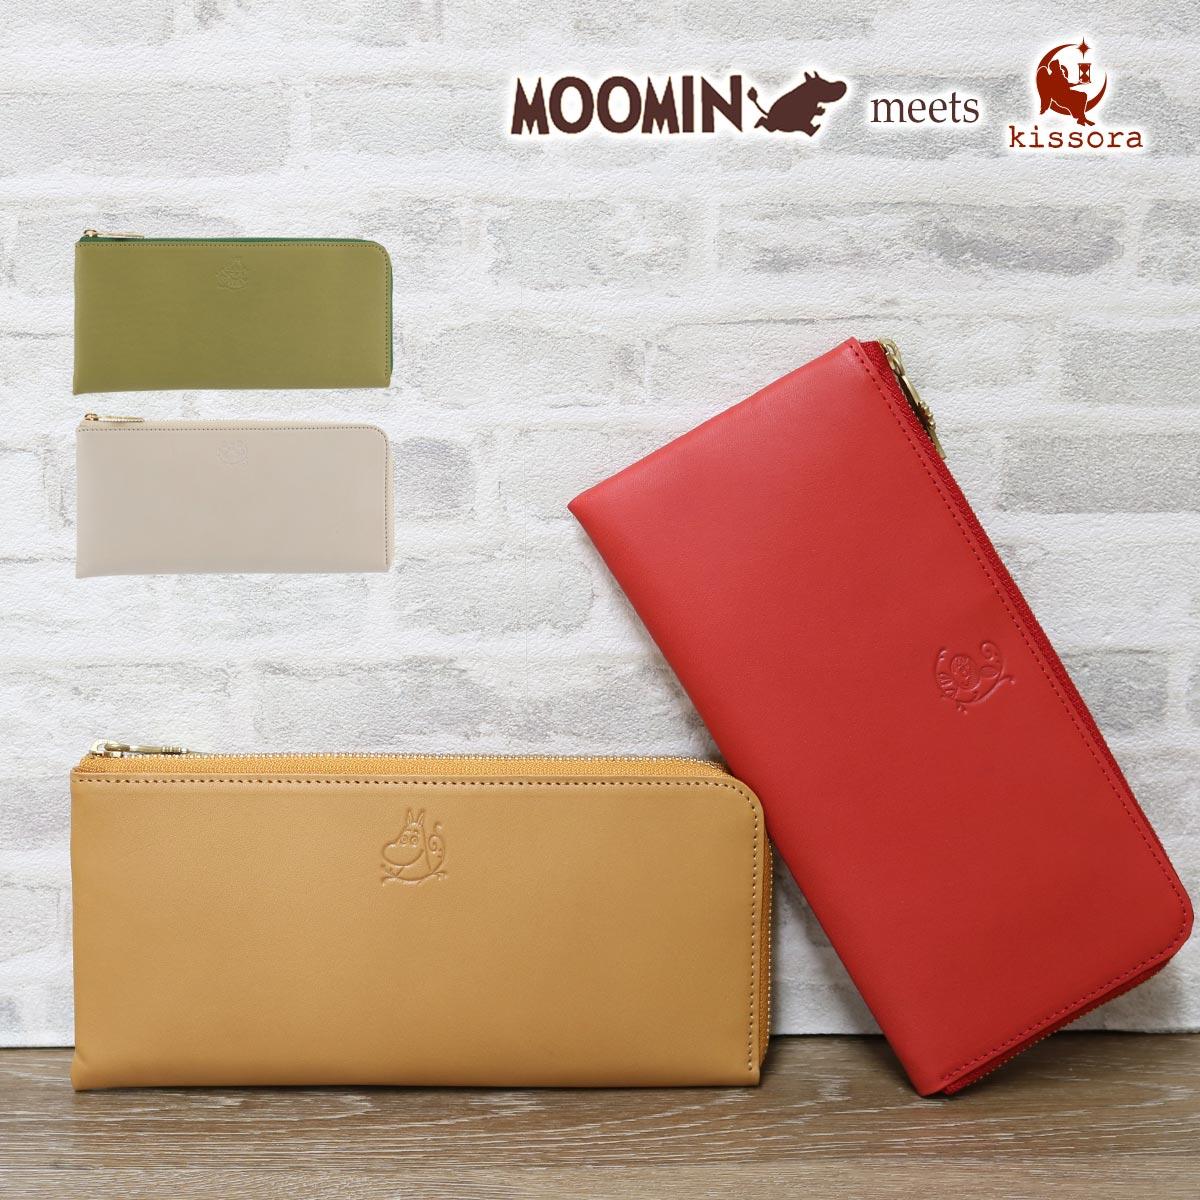 ムーミン×キソラ 長財布 薄型 KIBN-015 kissora ムーミン MOOMIN L字ファスナー レザー 本革 日本製 レディース